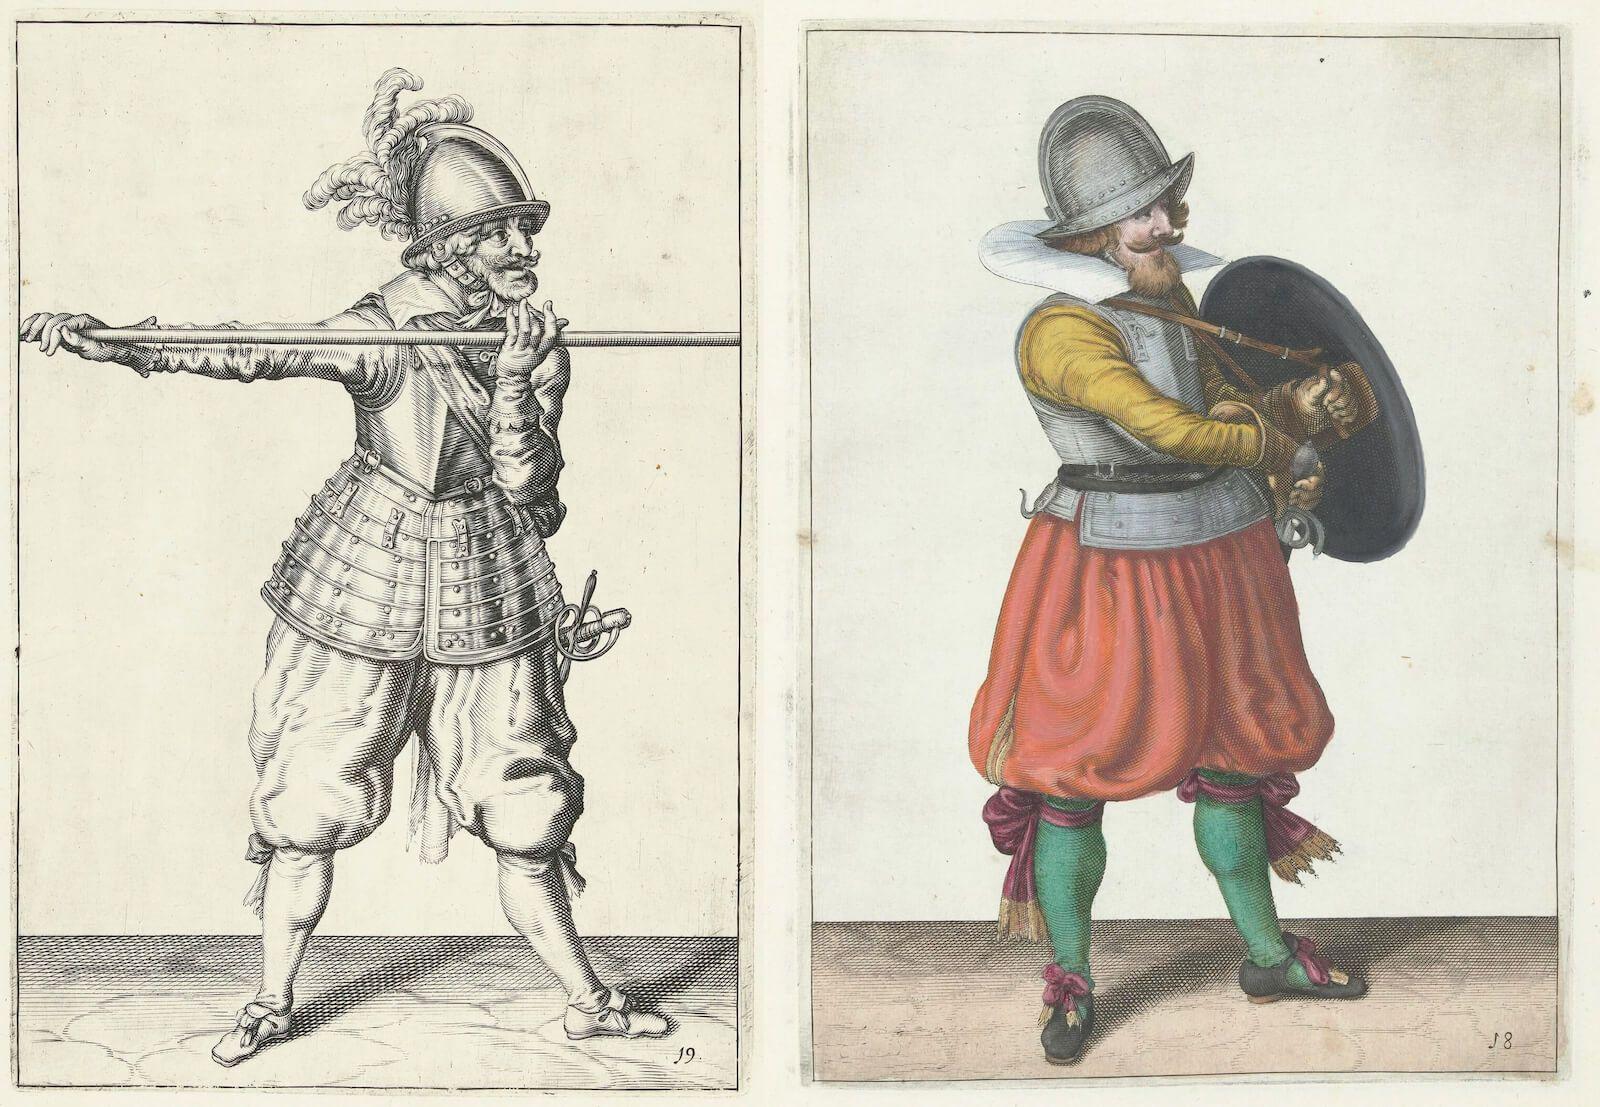 tácticas de infantería siglo XVI piquero rodelero